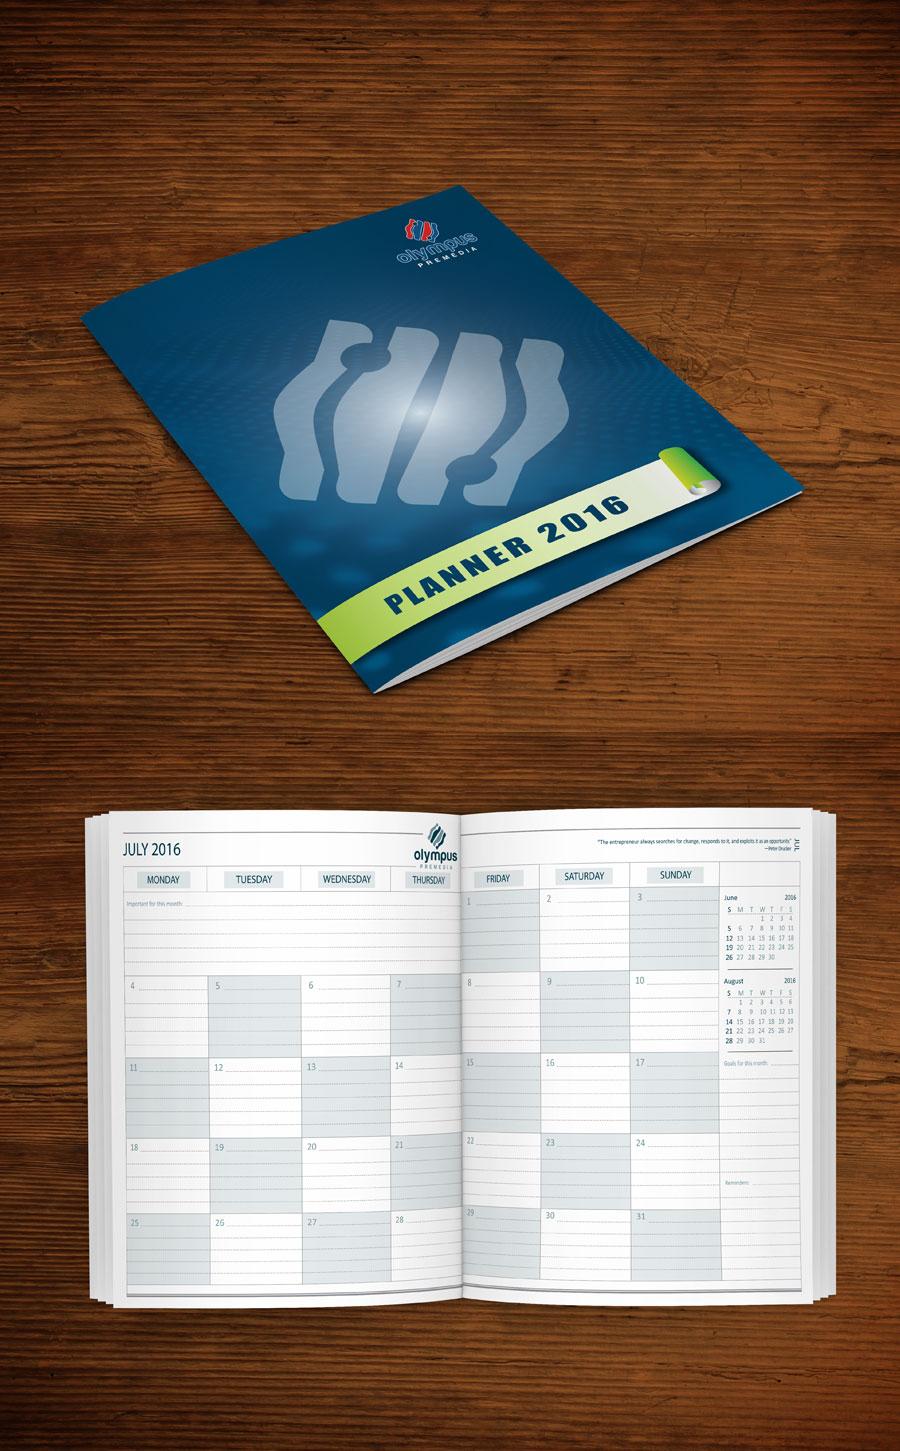 olympus-planner-